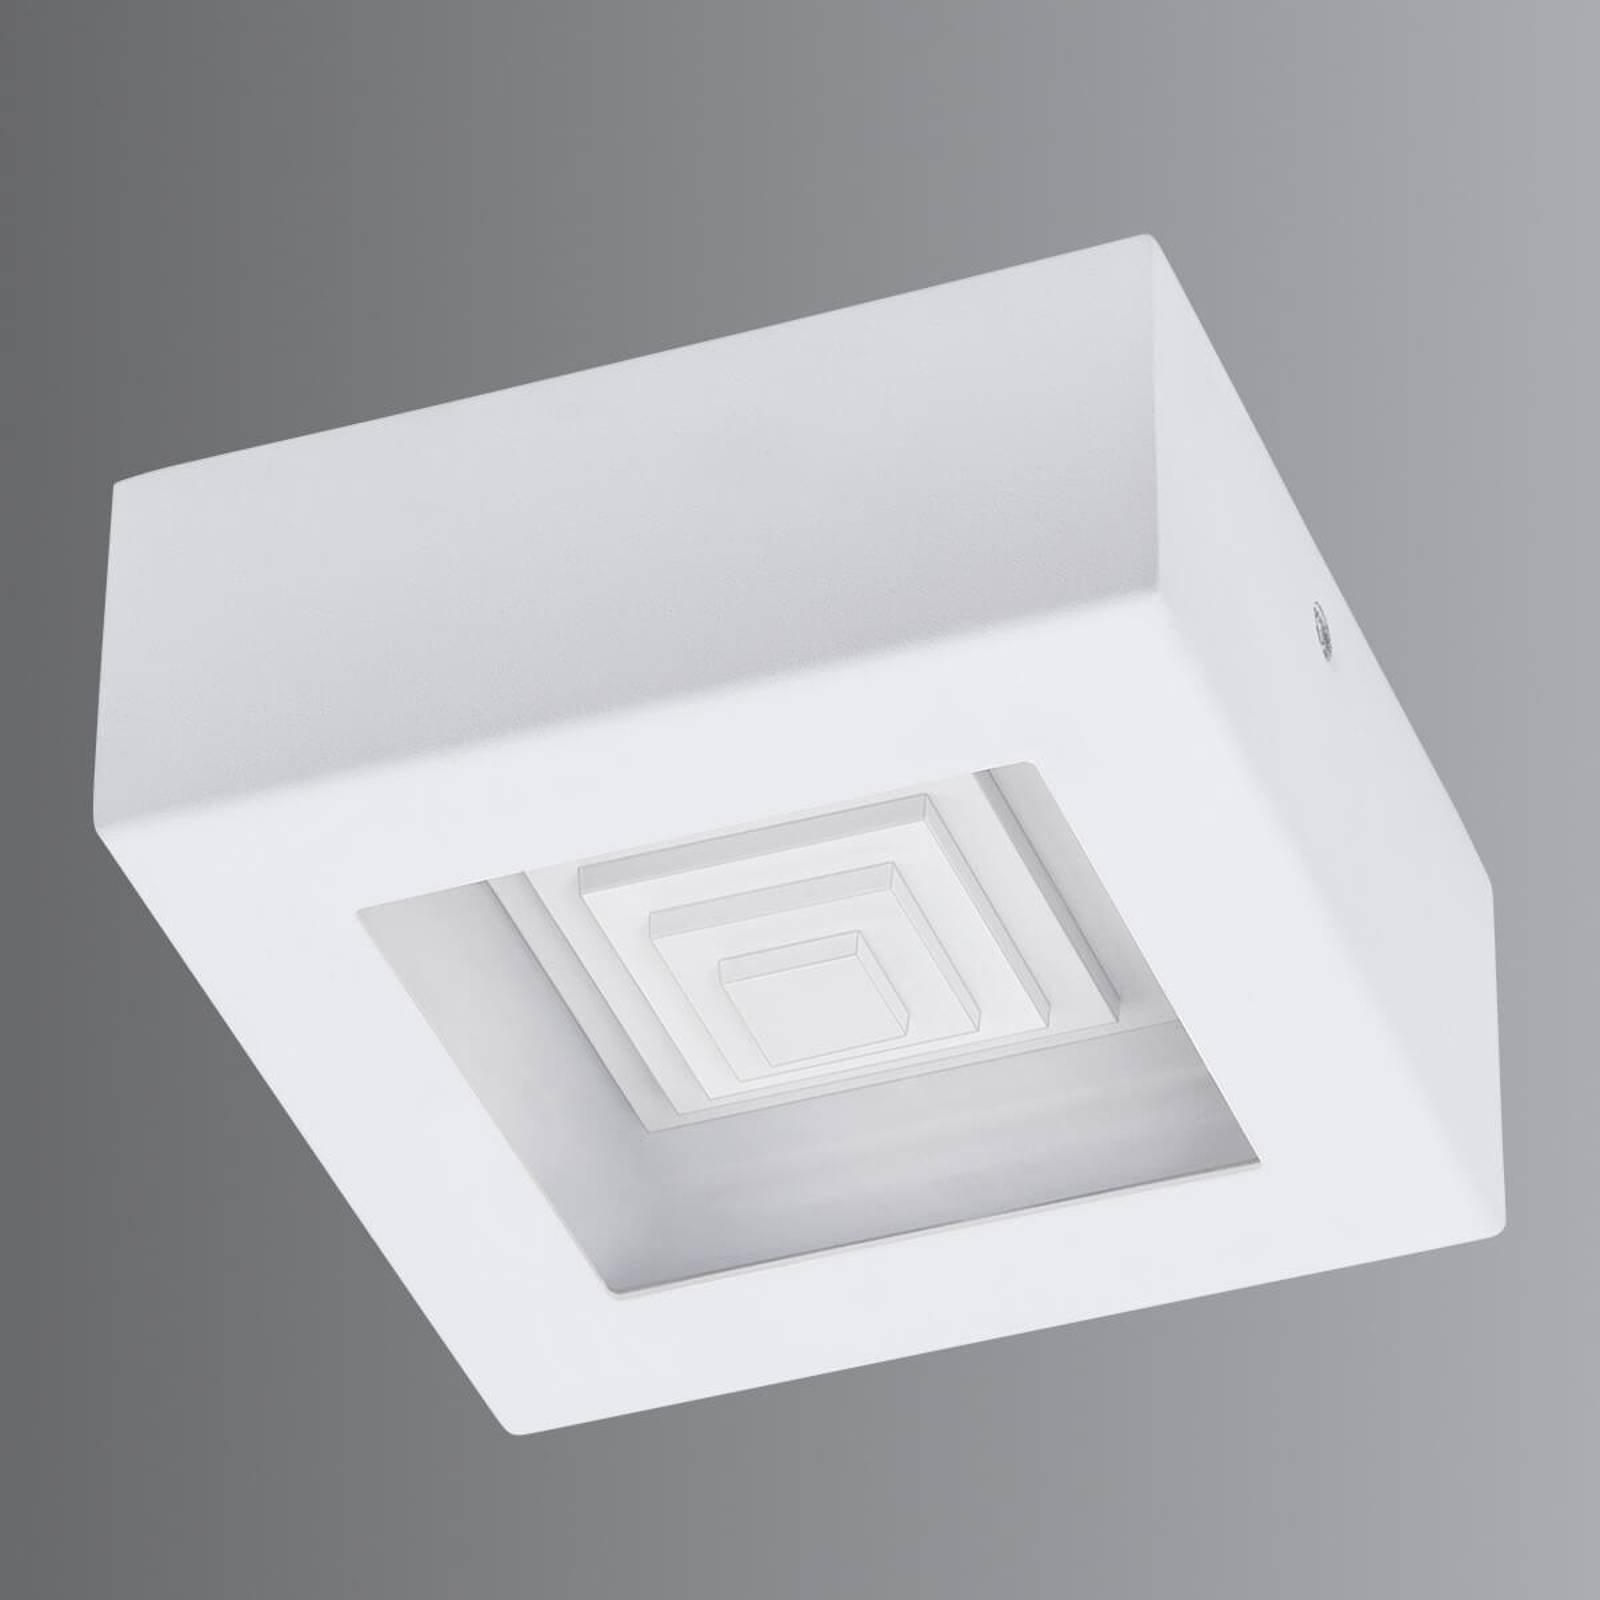 Ferreros liten LED-taklampe i hvit